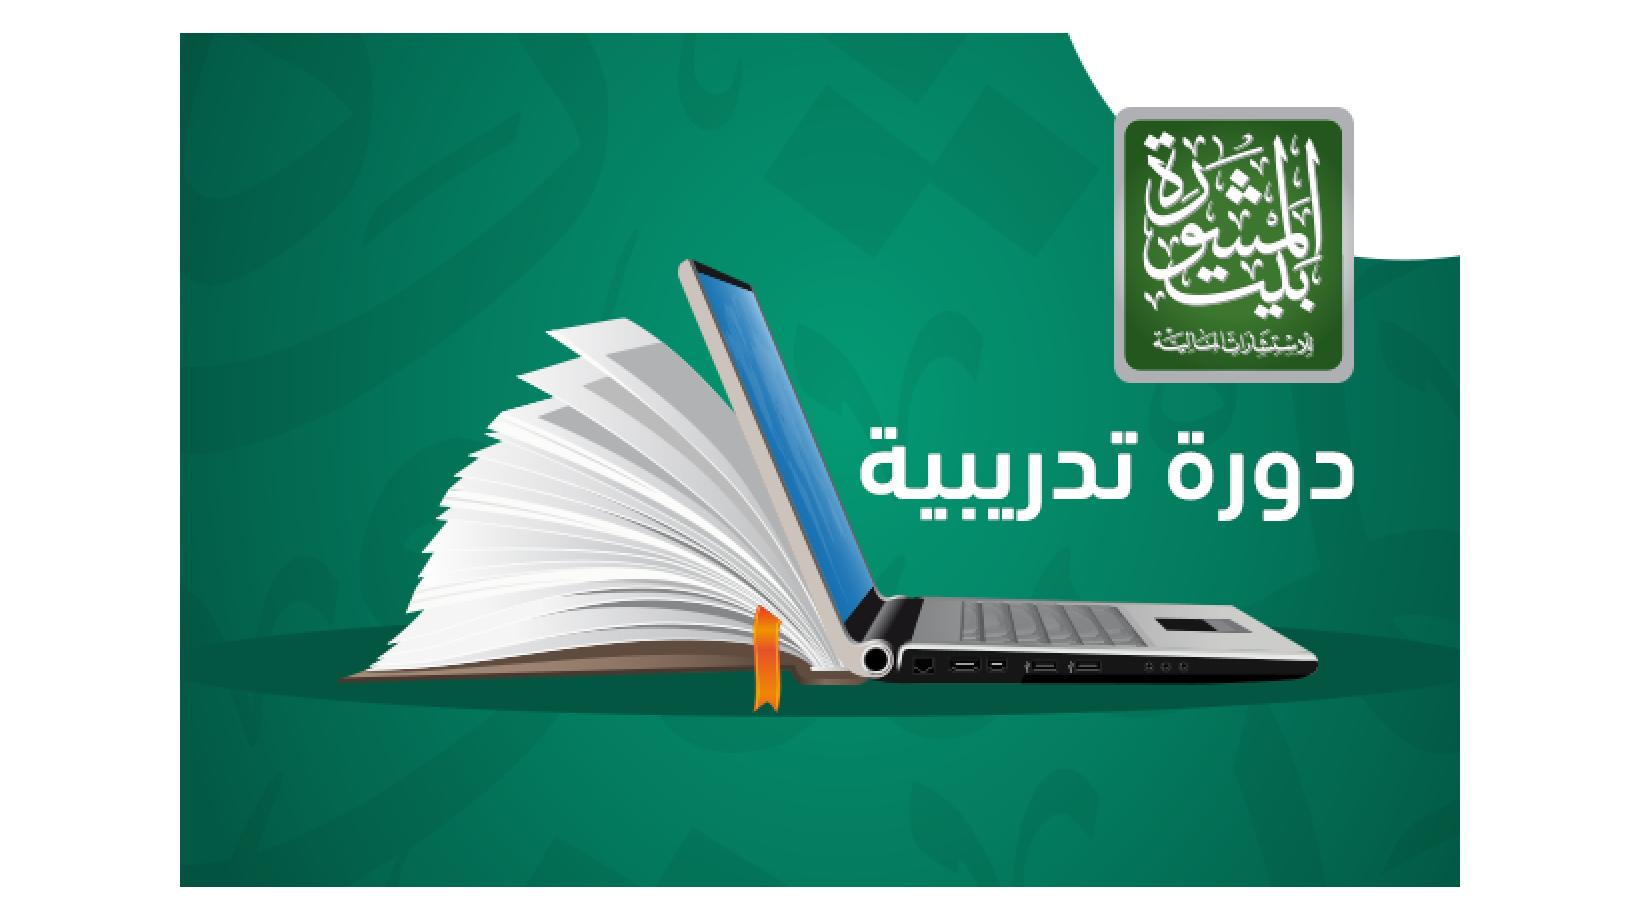 """بيت المشورة تقدم دورة تدريبية جديدة باللغة العربية لشركة بيت الاستثمار تحت عنوان """"تخطيط وإدارة الموارد البشرية"""""""